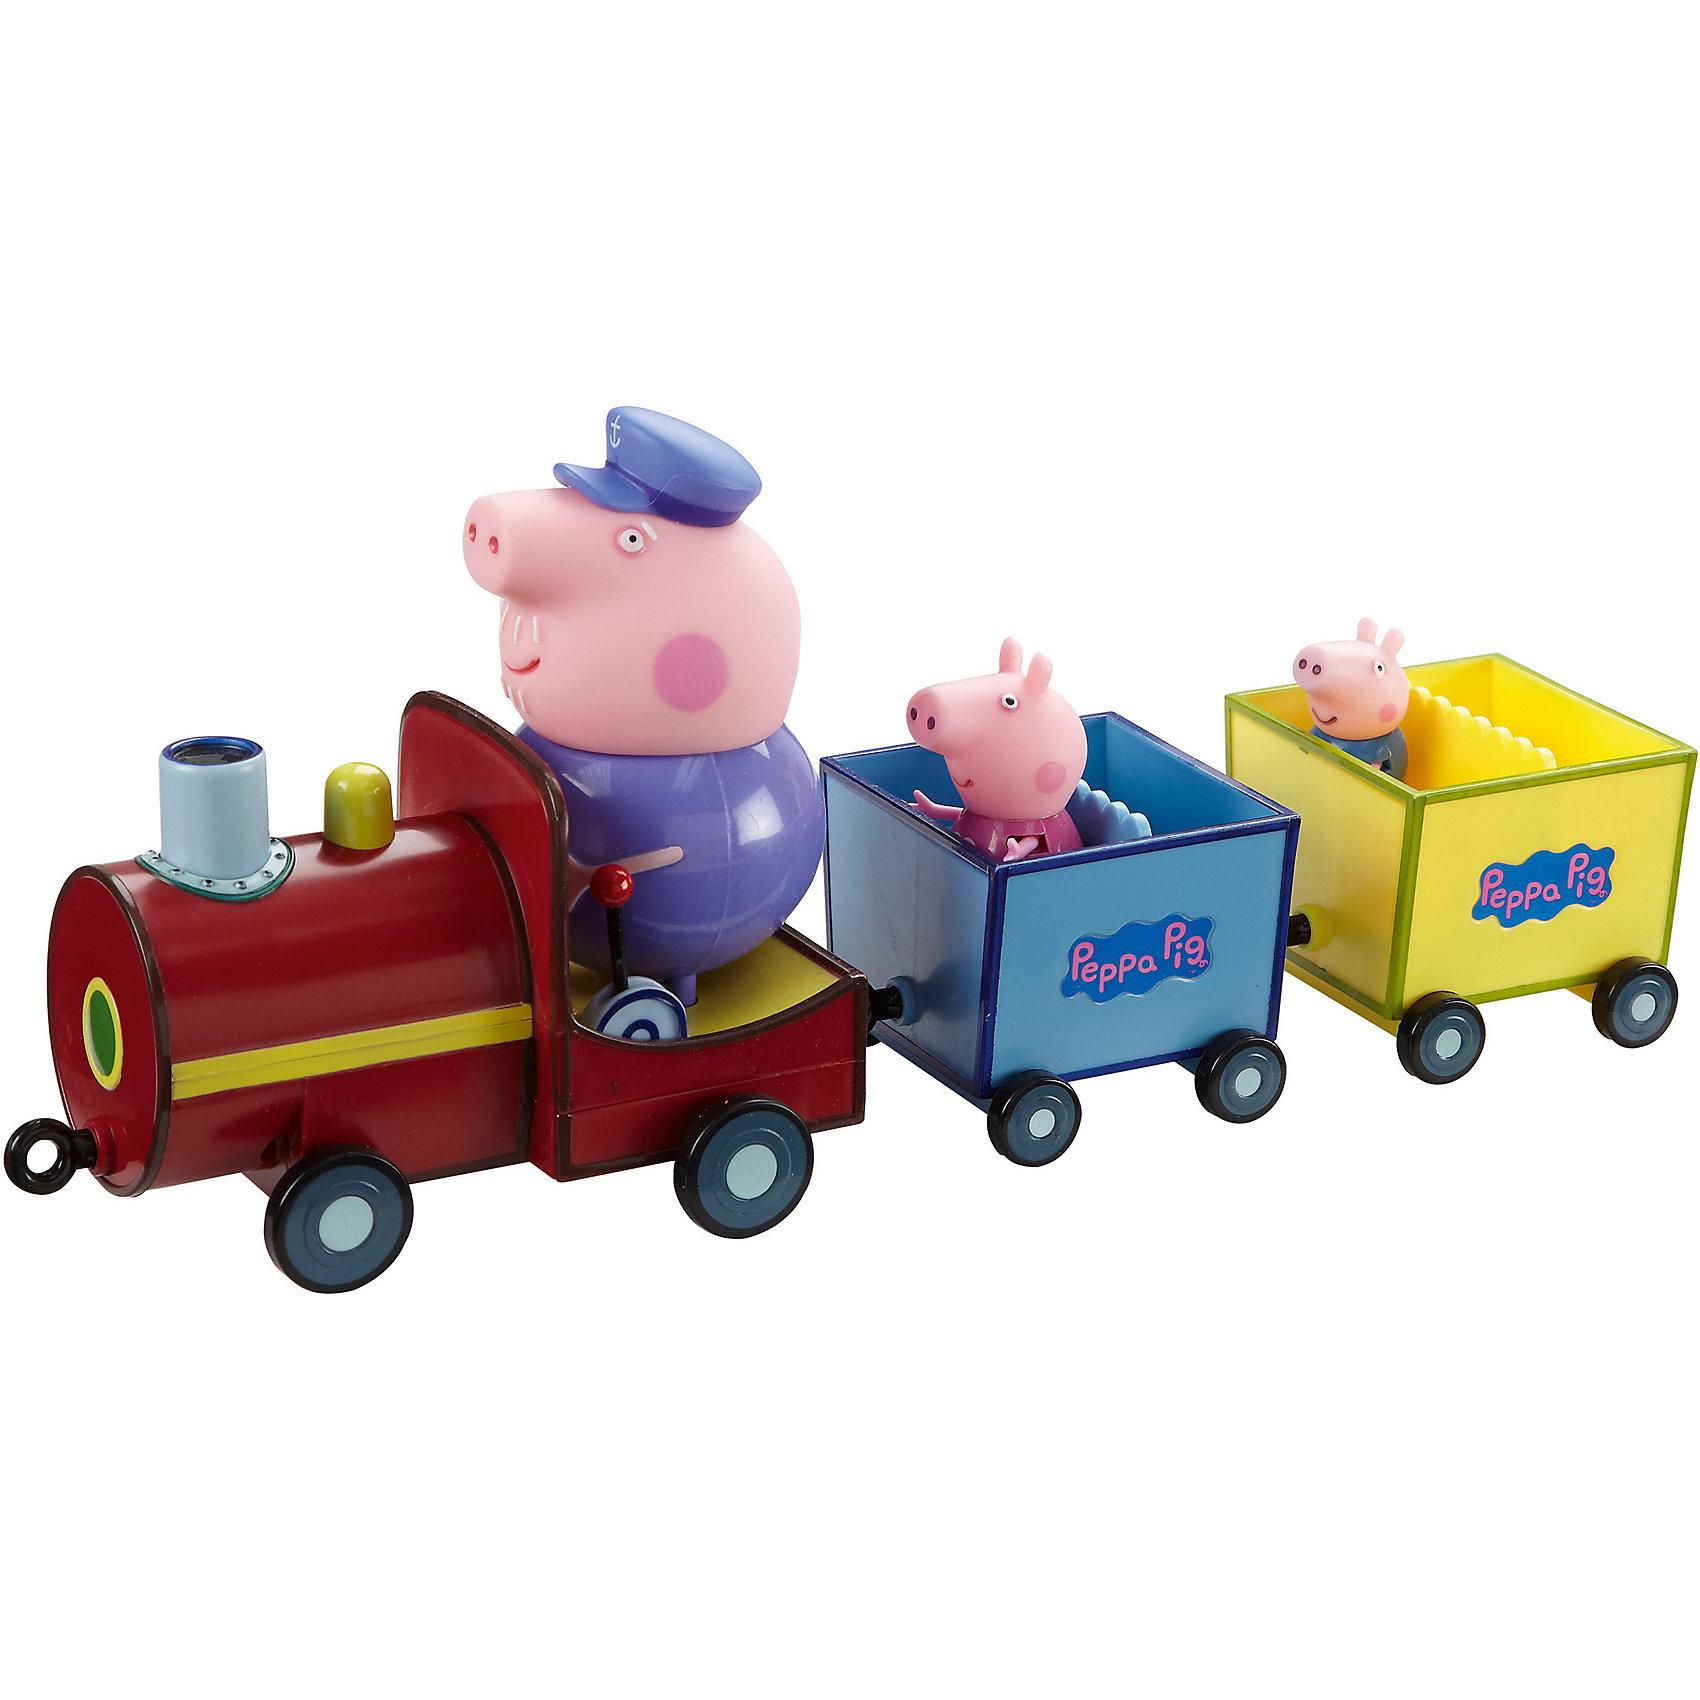 Музыкальный паровозик дедушки Пеппы, Свинка ПеппаМашинки и транспорт для малышей<br>Музыкальный паровозик дедушки Пеппы, Свинка Пеппа - красочная веселая игрушка, которая порадует всех юных поклонников популярного мультсериала Свинка Пеппа (Peppa Pig). Пеппа и Джордж отправились в путешествие на музыкальном паровозике, который ведет их дедушка. К паровозику прицеплены два открытых вагончика, куда можно<br>посадить фигурки Пеппы и Джорджа, они могут сидеть, стоять, двигать ручками и ножками. Фигурка дедушки в паровозике несъемная, при нажатии на его голову воспроизводятся<br>фразы и песенка из мультфильма. Увлекательная игрушка подарит детям удовольствие, помогая им осваивать навыки общения, приобщаться к семейным ценностям и развивать<br>фантазию. <br><br>Дополнительная информация:<br><br>- В комплекте: паровозик, 2 вагончика, фигурки Пеппы и Джорджа съемные, фигурка дедушки не съемная.<br>- Материал: пластик.<br>- Требуются батарейки: 3 х ААА (в набор не входят).<br>- Размер фигурок: Пеппа - 5 см., Джордж - 4 см.<br>- Размер упаковки: 35 х 16 х 11  см. <br>- Вес: 0,45 кг.<br><br>Музыкальный паровозик дедушки Пеппы, Свинка Пеппа можно купить в нашем интернет-магазине.<br><br>Ширина мм: 500<br>Глубина мм: 25<br>Высота мм: 525<br>Вес г: 1000<br>Возраст от месяцев: 36<br>Возраст до месяцев: 84<br>Пол: Унисекс<br>Возраст: Детский<br>SKU: 3930282